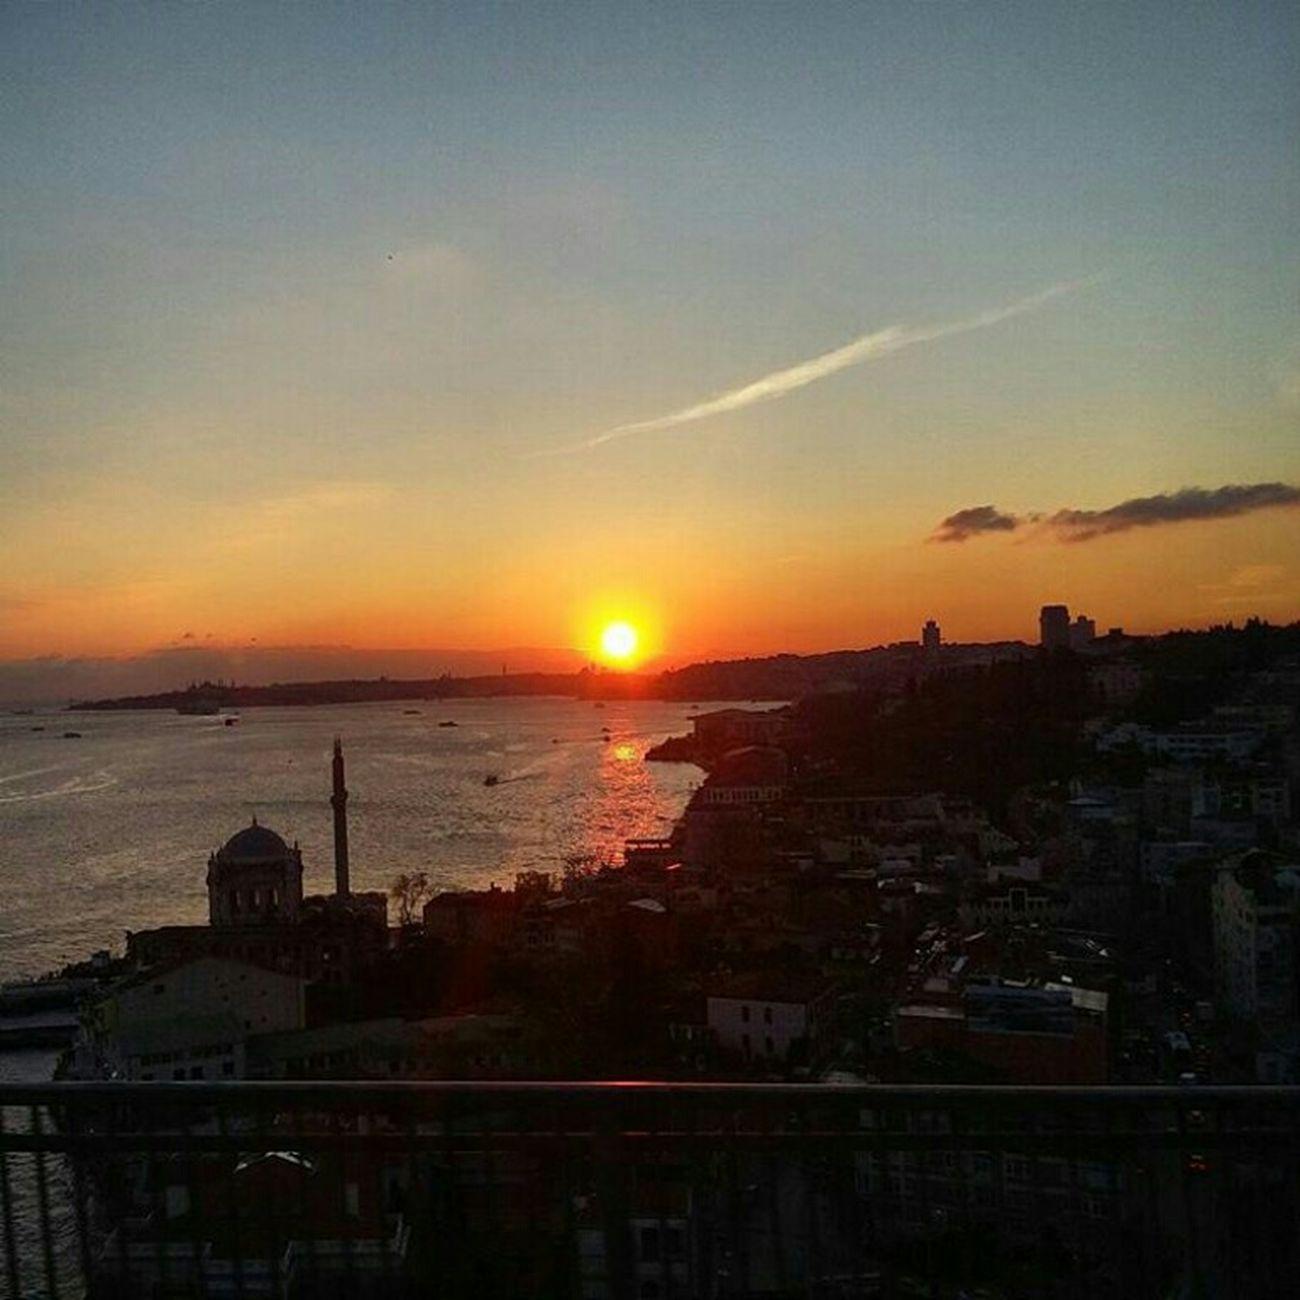 Sunset Istanbul - Bosphorus Bosphorus Bridge Mycity Lovecity  EyeEm Gallery Eyemphotos Eyemphotography